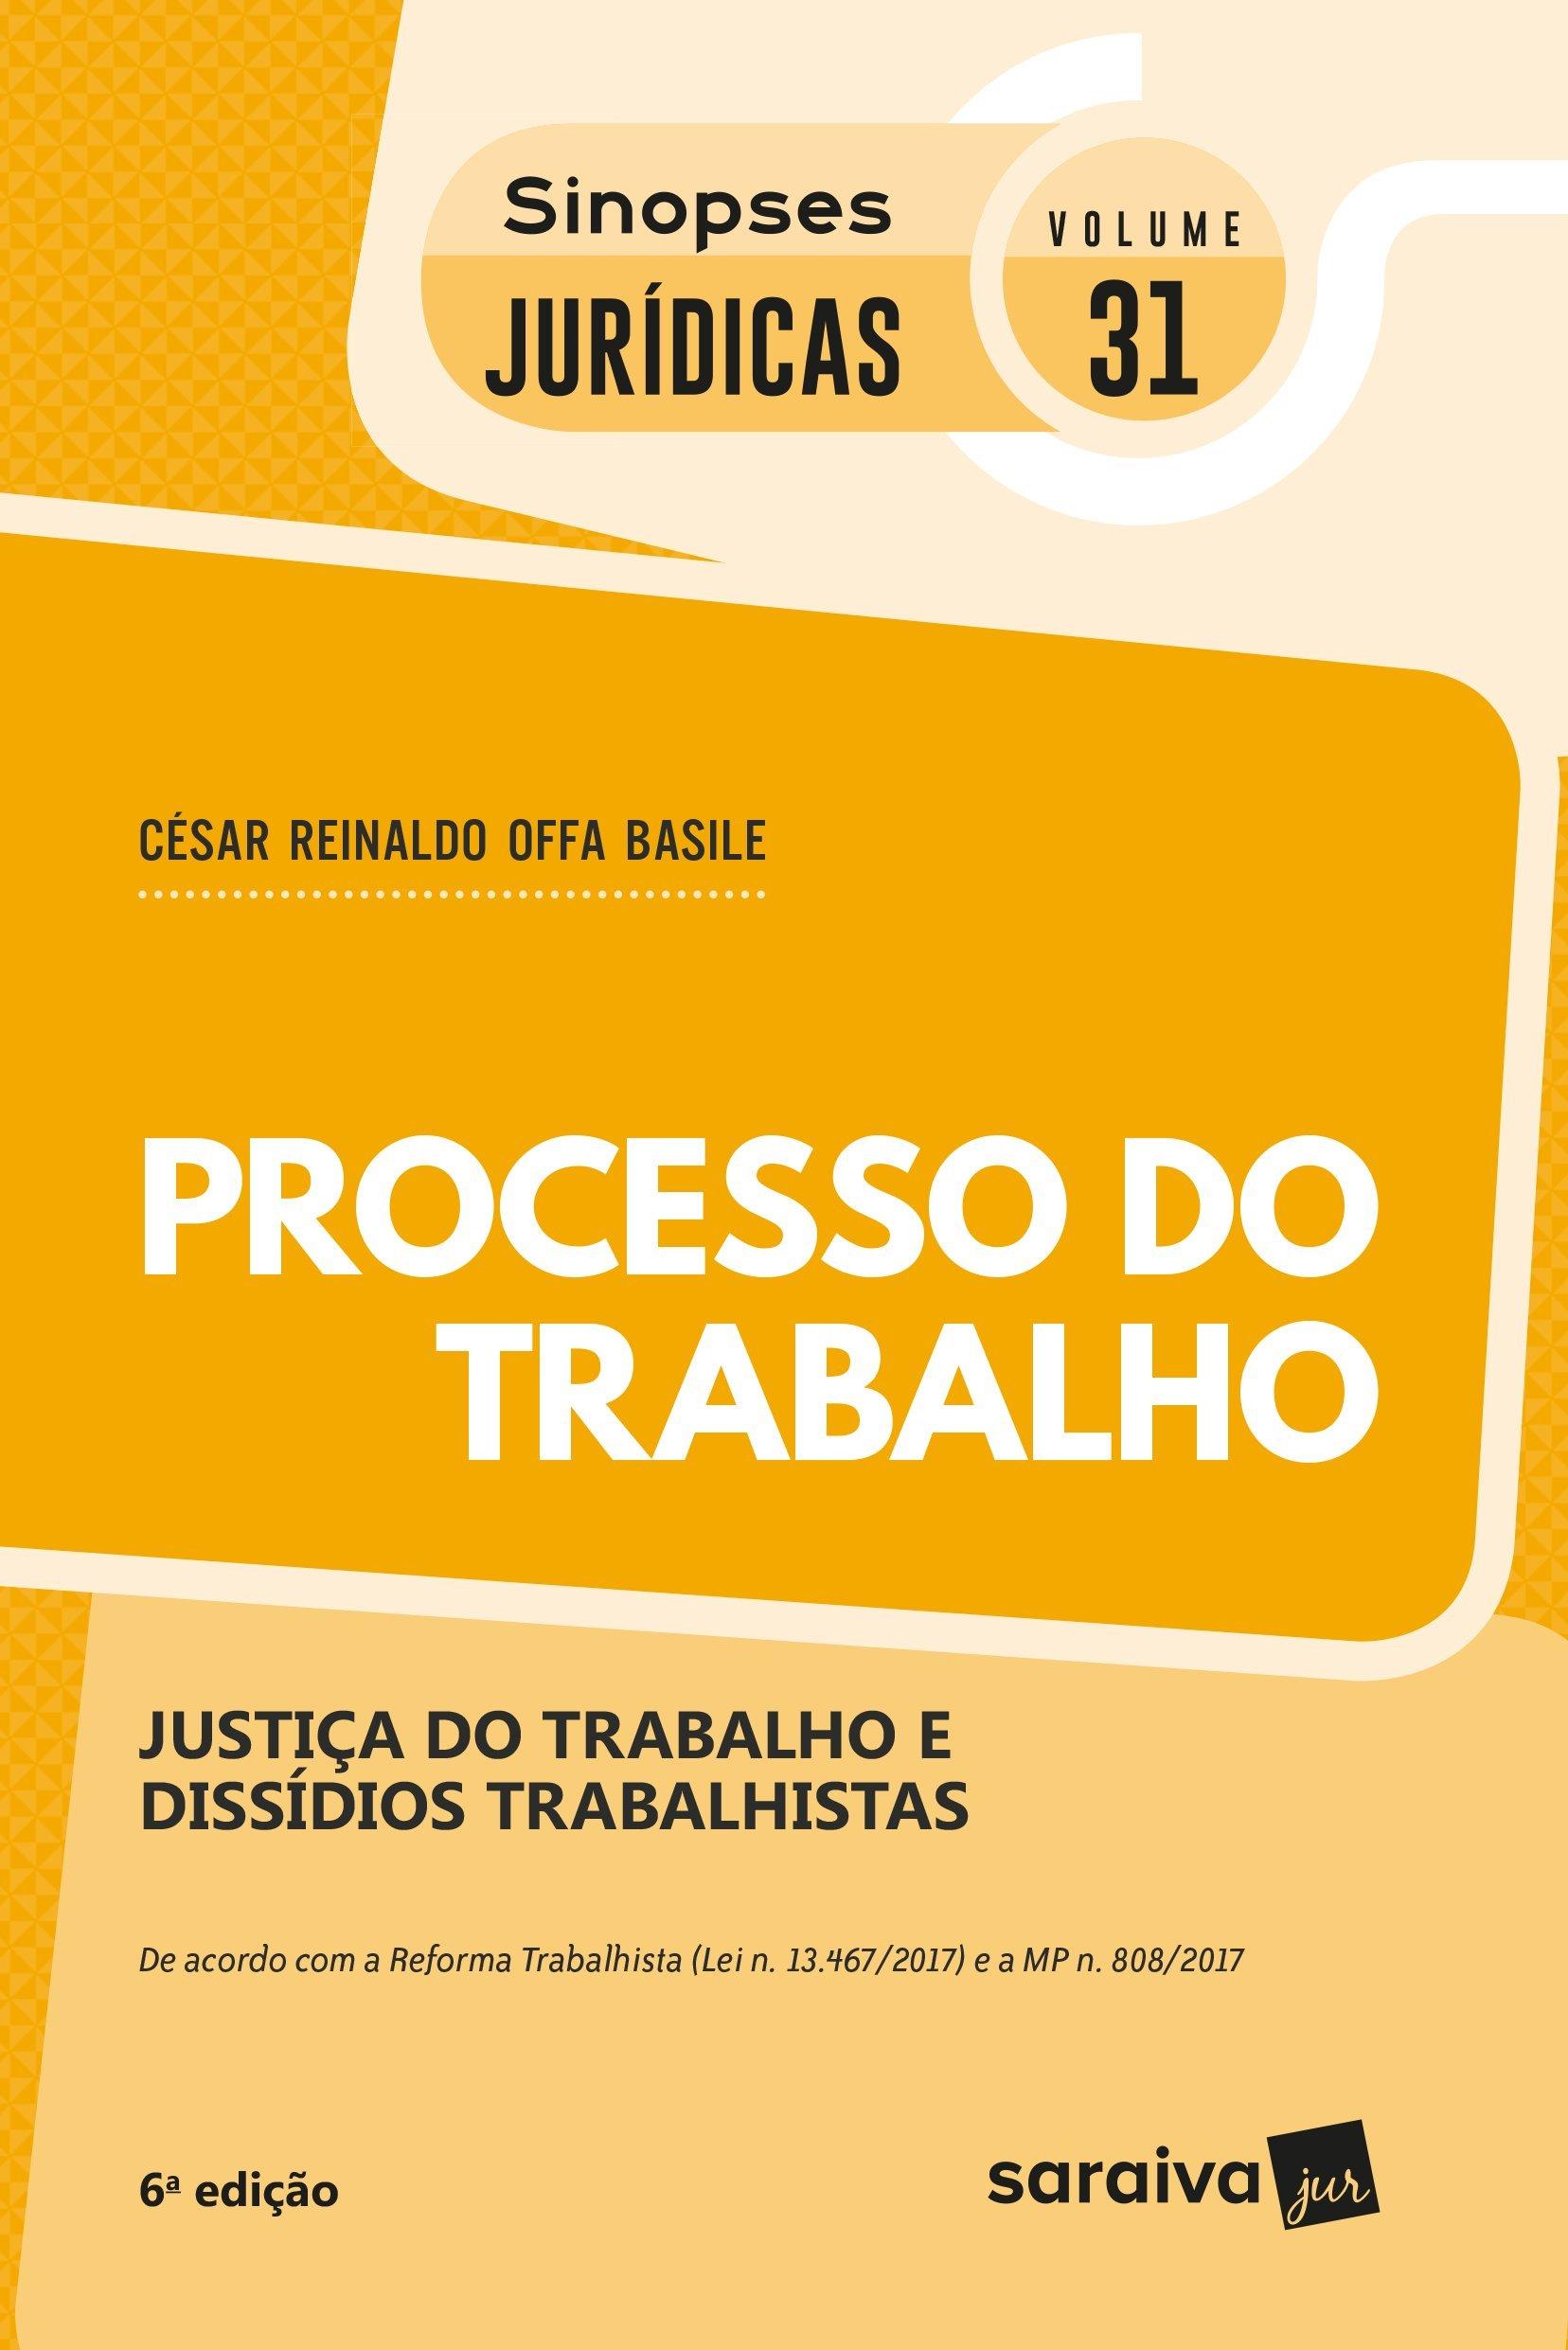 Download Processo do Trabalho - Coleção Sinopses Jurídicas 31 pdf